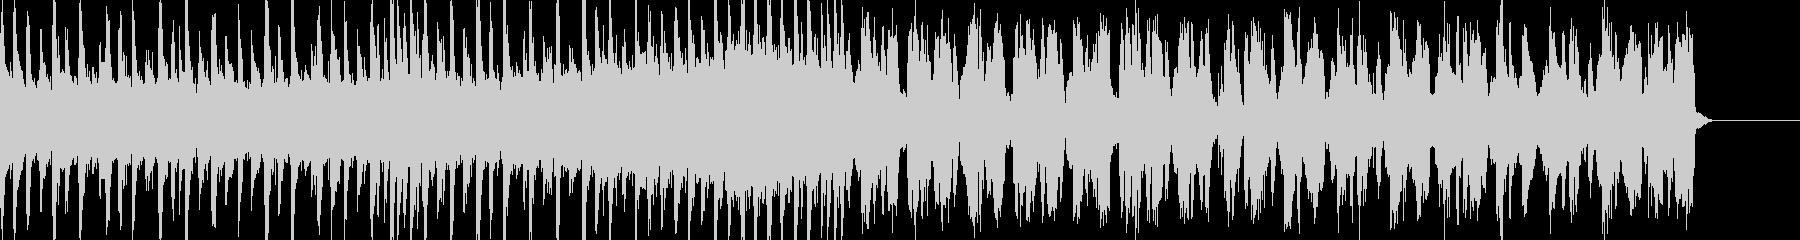 【CM】ワクワクさせるフューチャーベースの未再生の波形